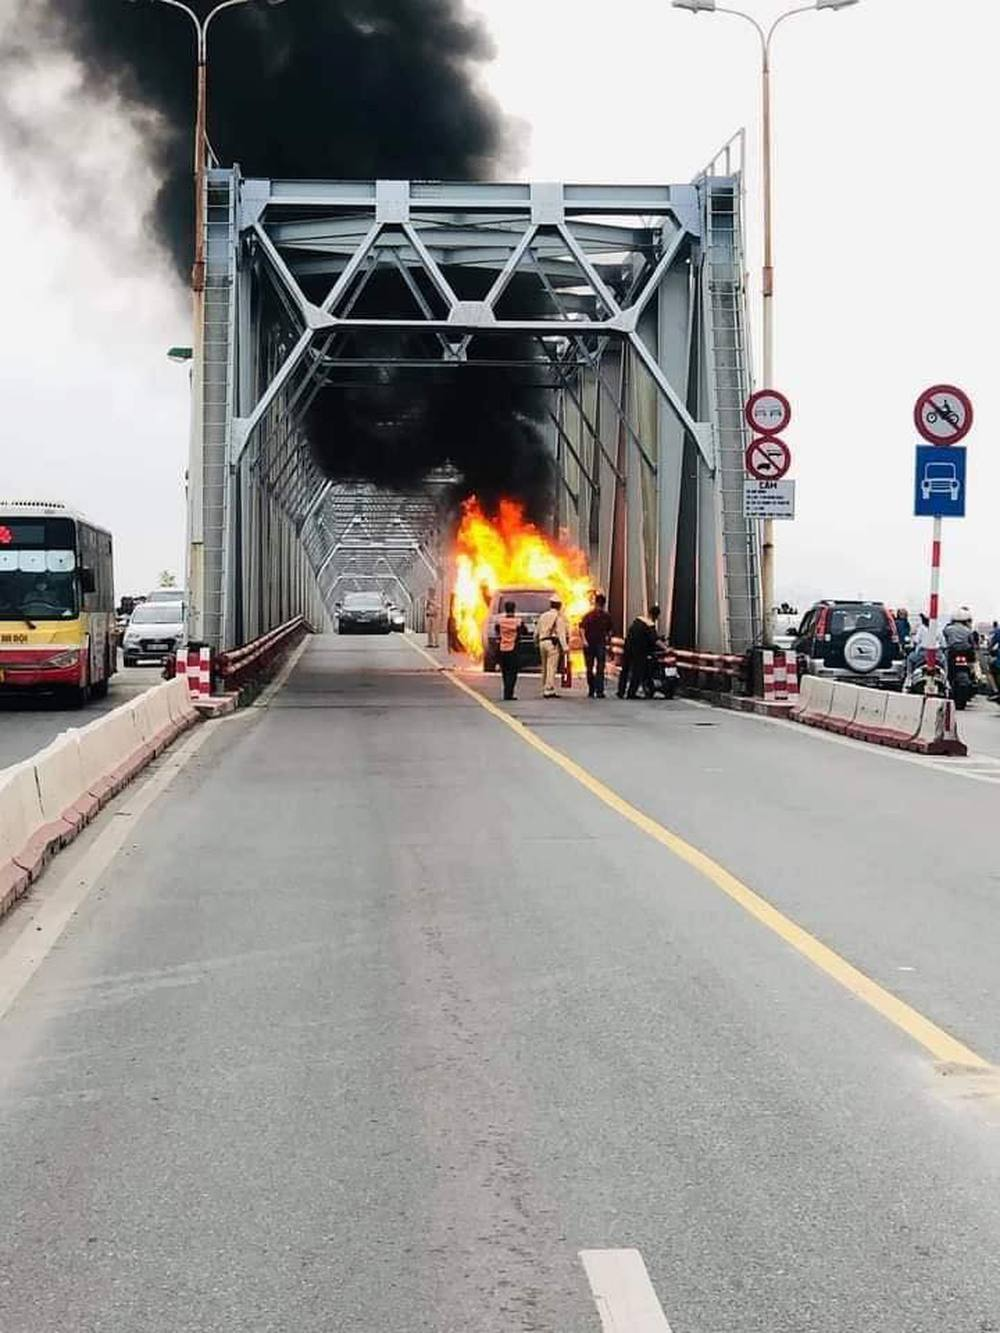 Xe Range Rover bốc cháy ngùn ngụt trên cầu Chương Dương, CSGT mở cửa xe cứu 2 người đàn ông - Ảnh 3.